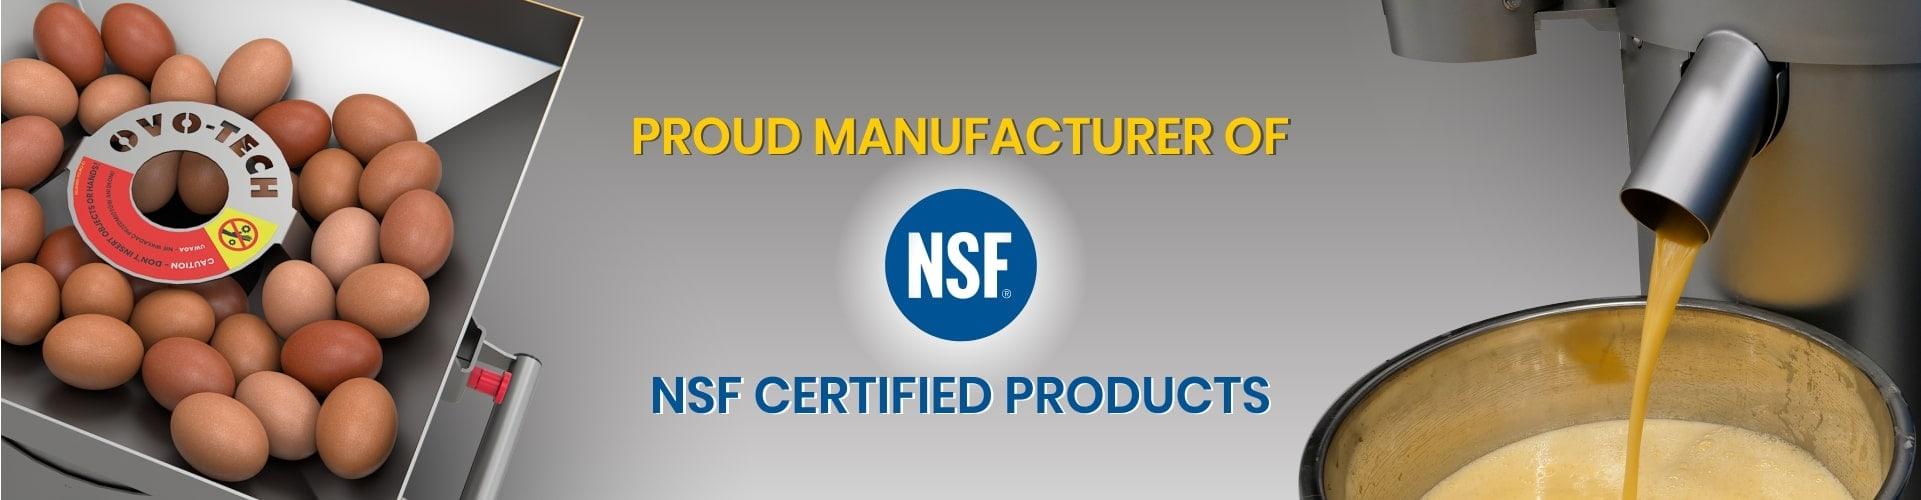 NSF certified egg cracker